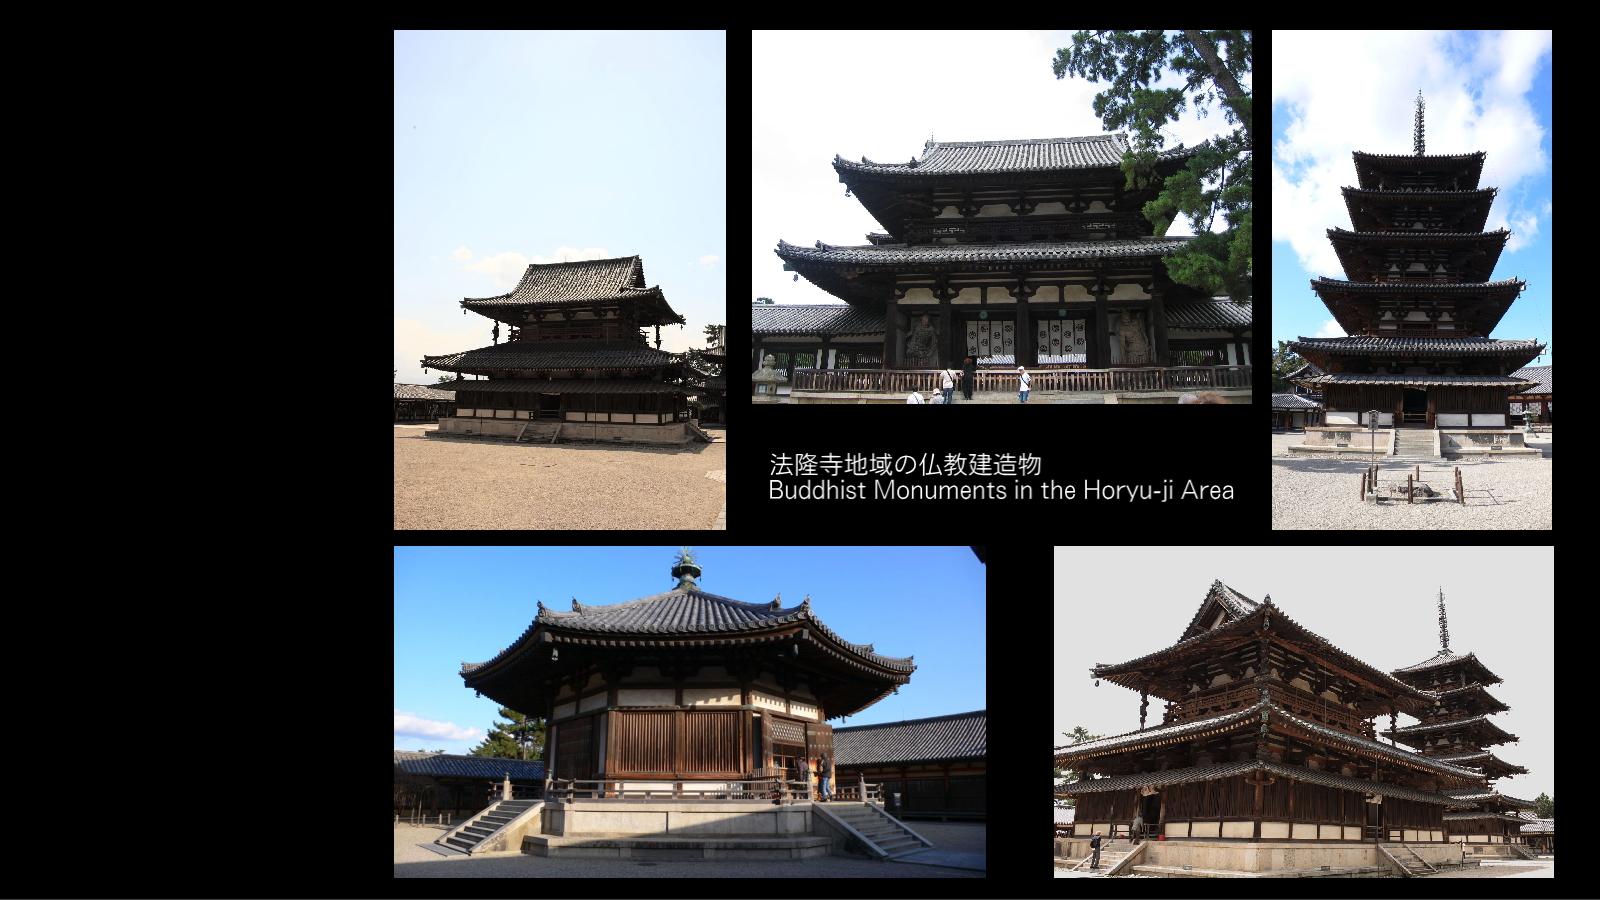 法隆寺地域の仏教建造物の画像 p1_11